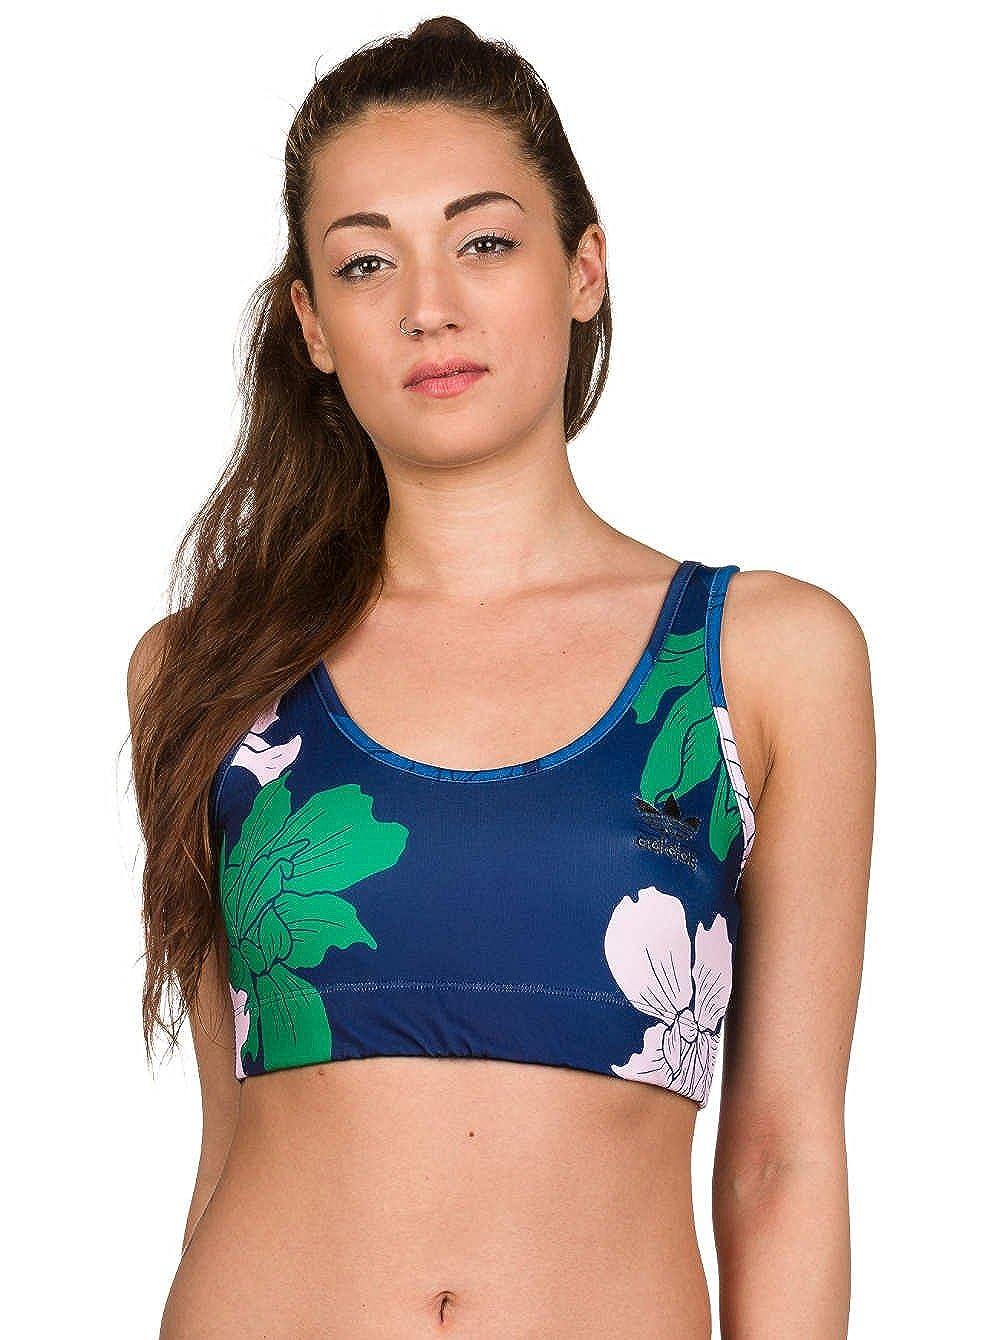 adidas Originals - Sujetador deportivo Mujer - Gimnasio Floral Chaleco - Azul